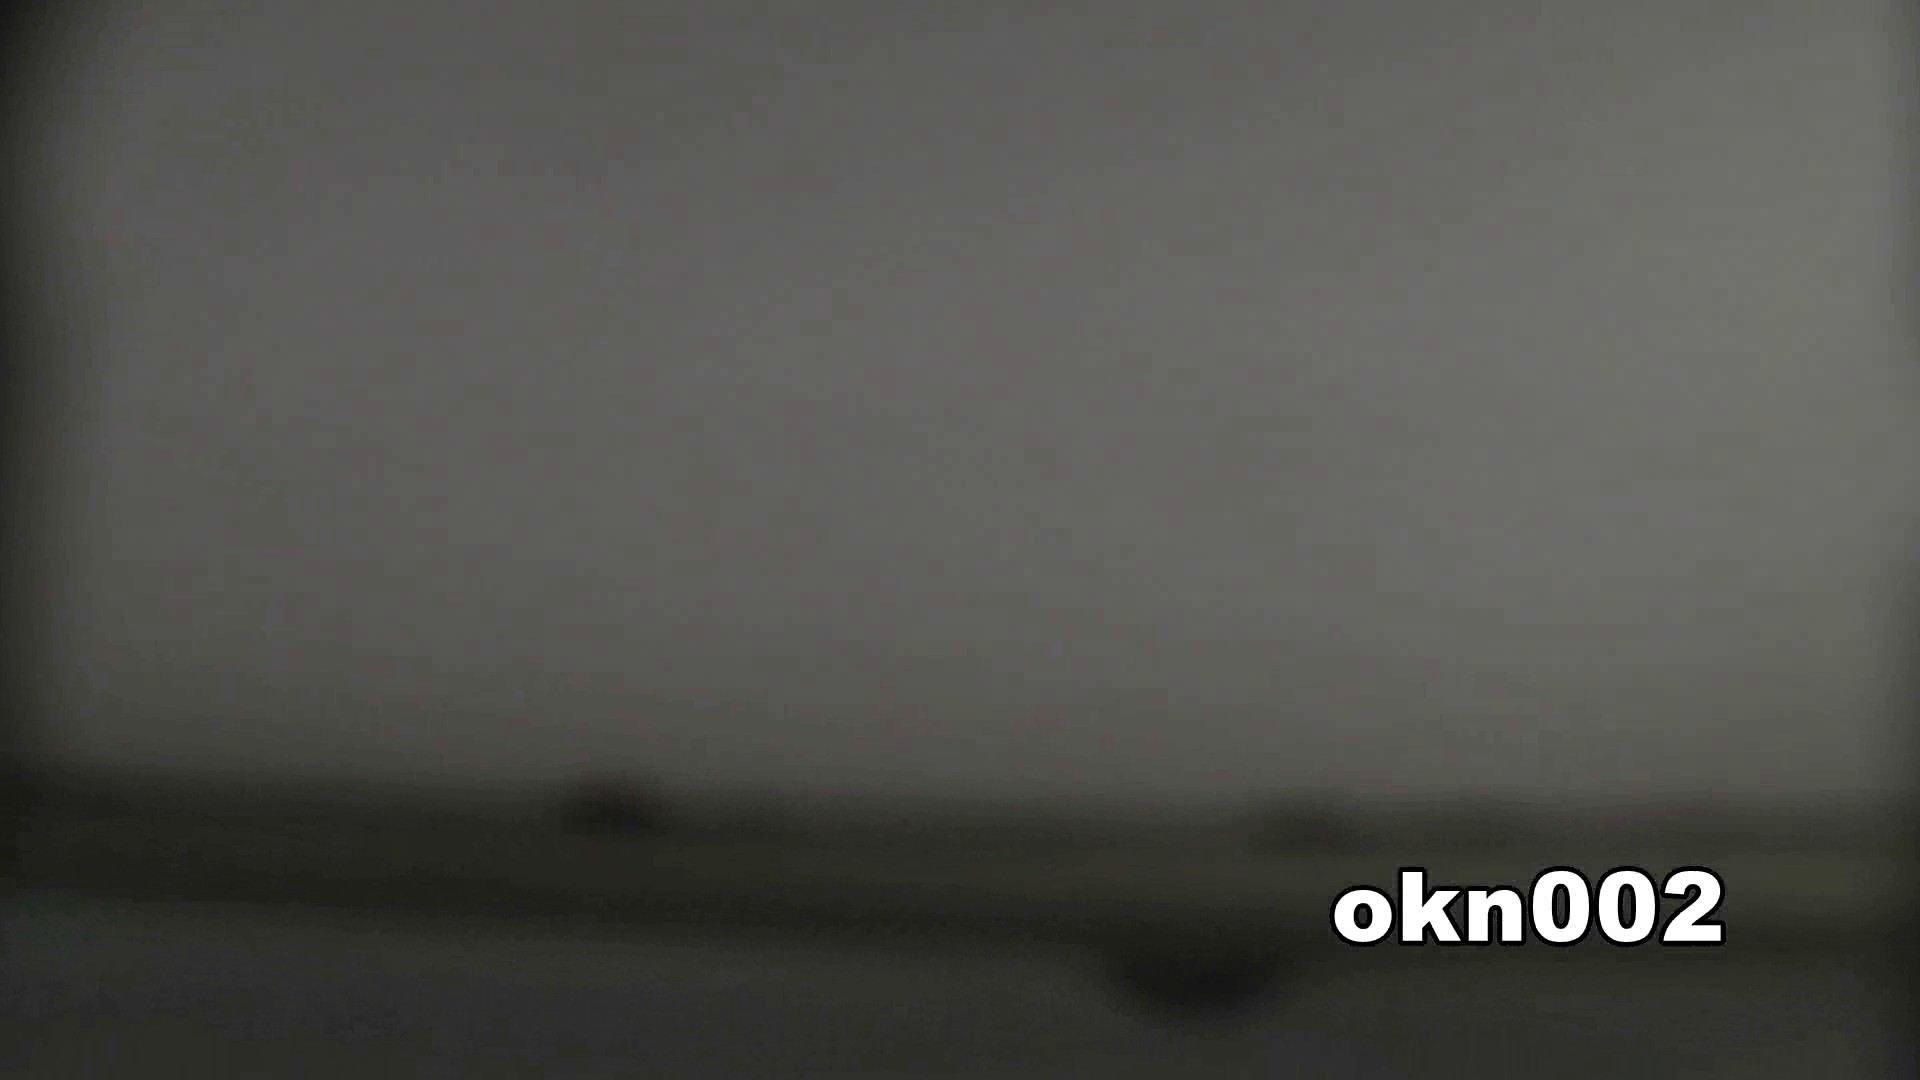 アダルトエロ動画|下からノゾム vol.002 観察しやすい角度|怪盗ジョーカー